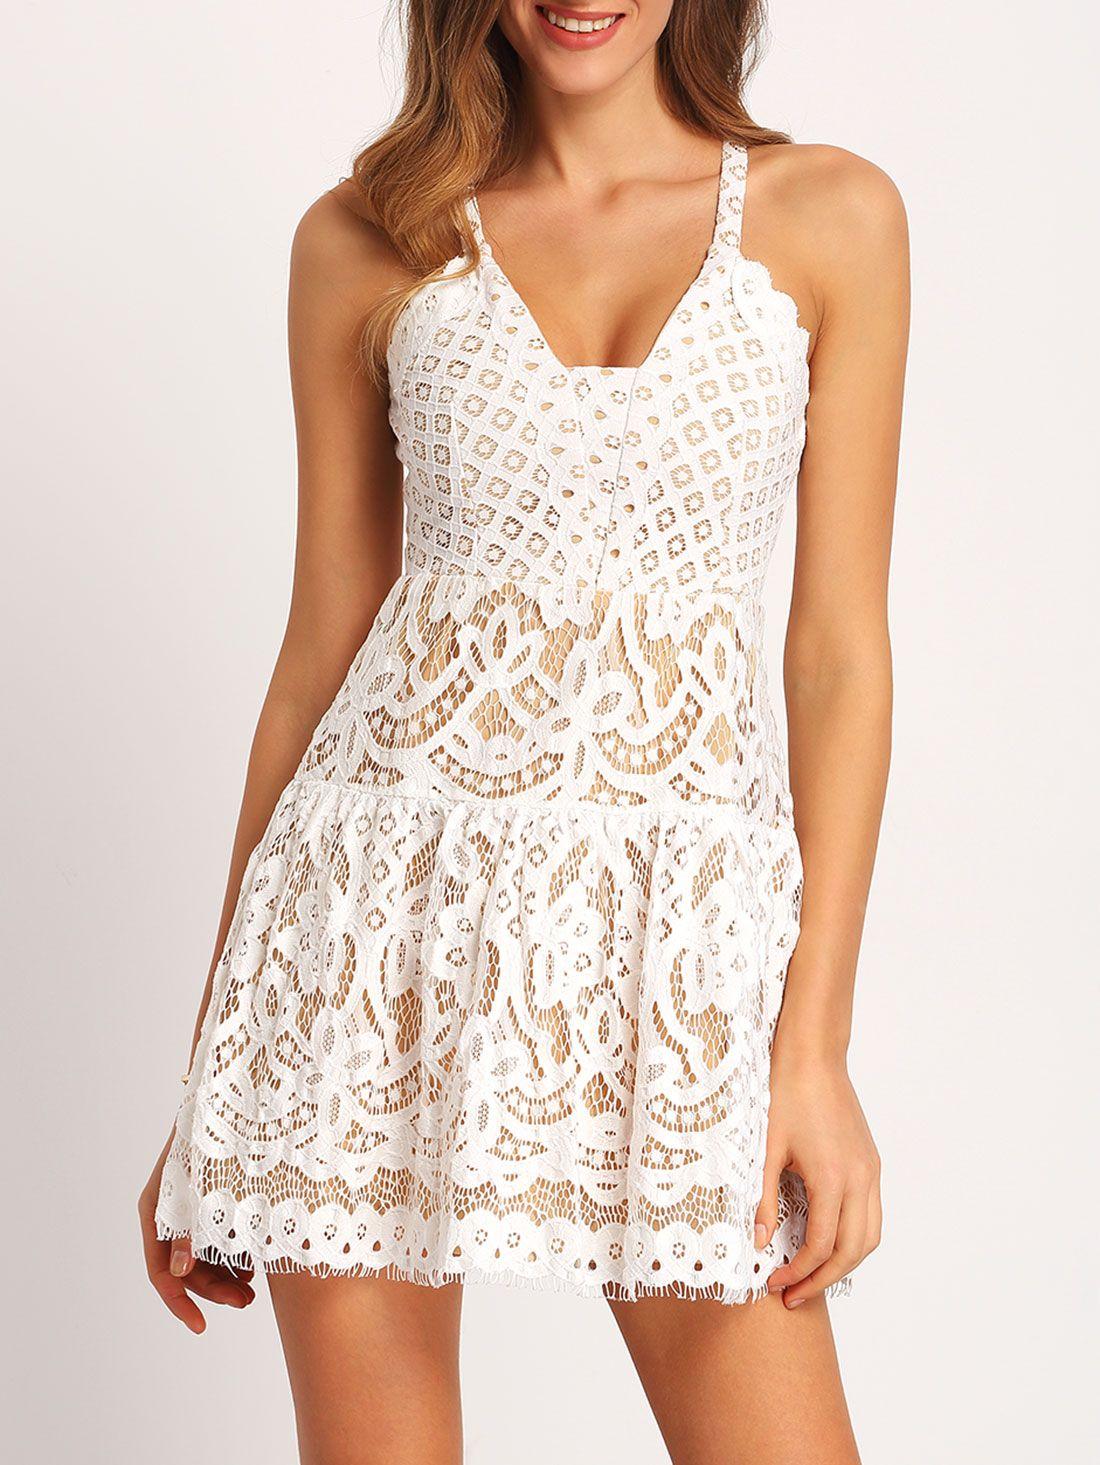 White Spaghetti Strap Hollow Lace Dress Shein Sheinside Lace Dress Lace White Dress White Spaghetti Strap Dress [ 1465 x 1100 Pixel ]